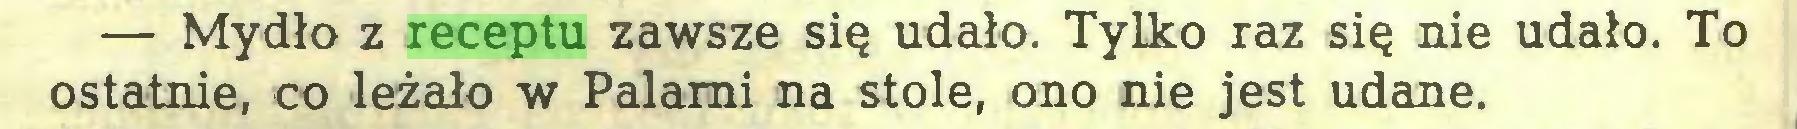 (...) — Mydło z receptu zawsze się udało. Tylko raz się nie udało. To ostatnie, co leżało w Palami na stole, ono nie jest udane...